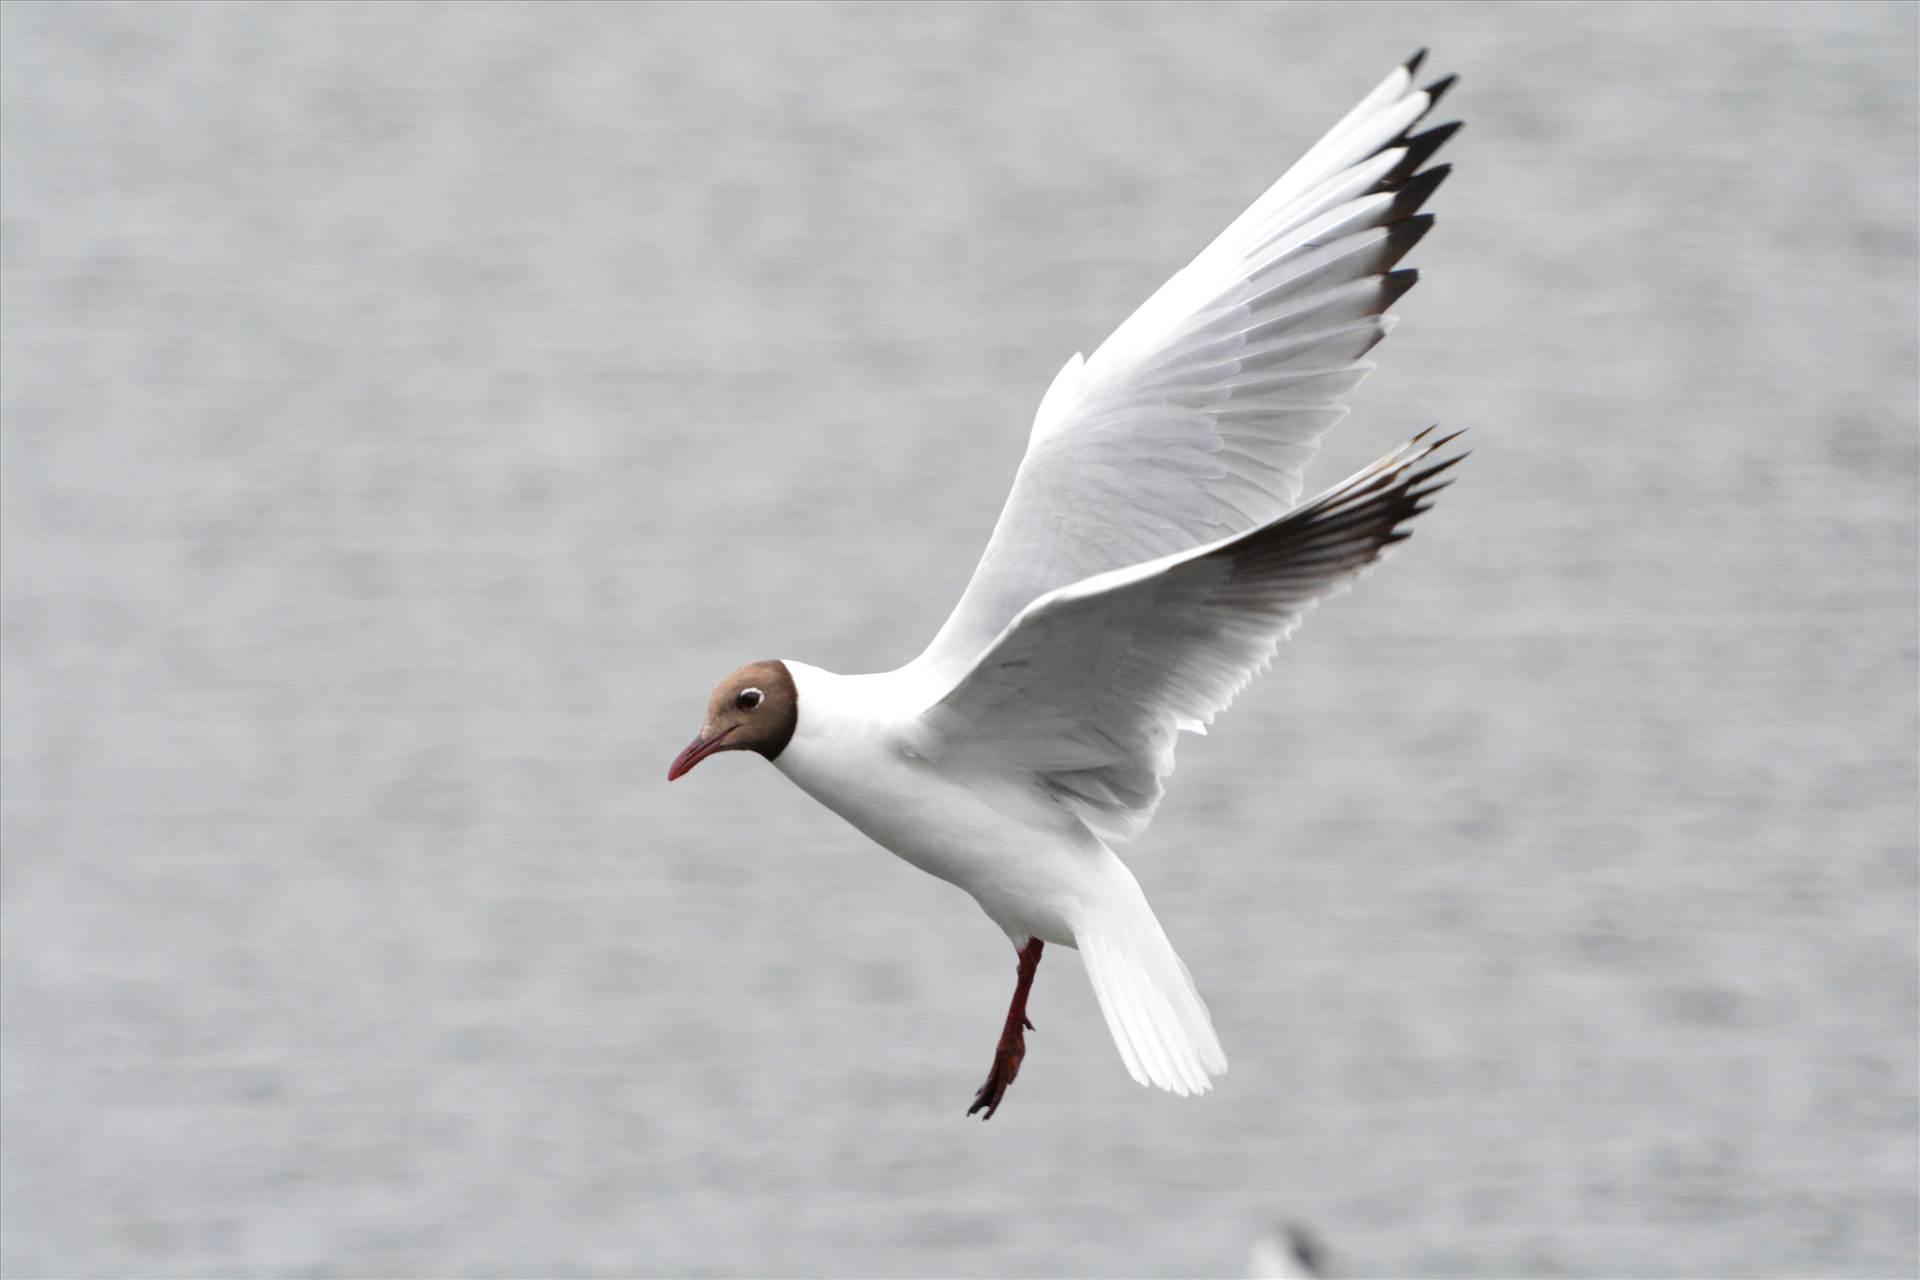 birds in flight3.jpg  by 10153385026797053